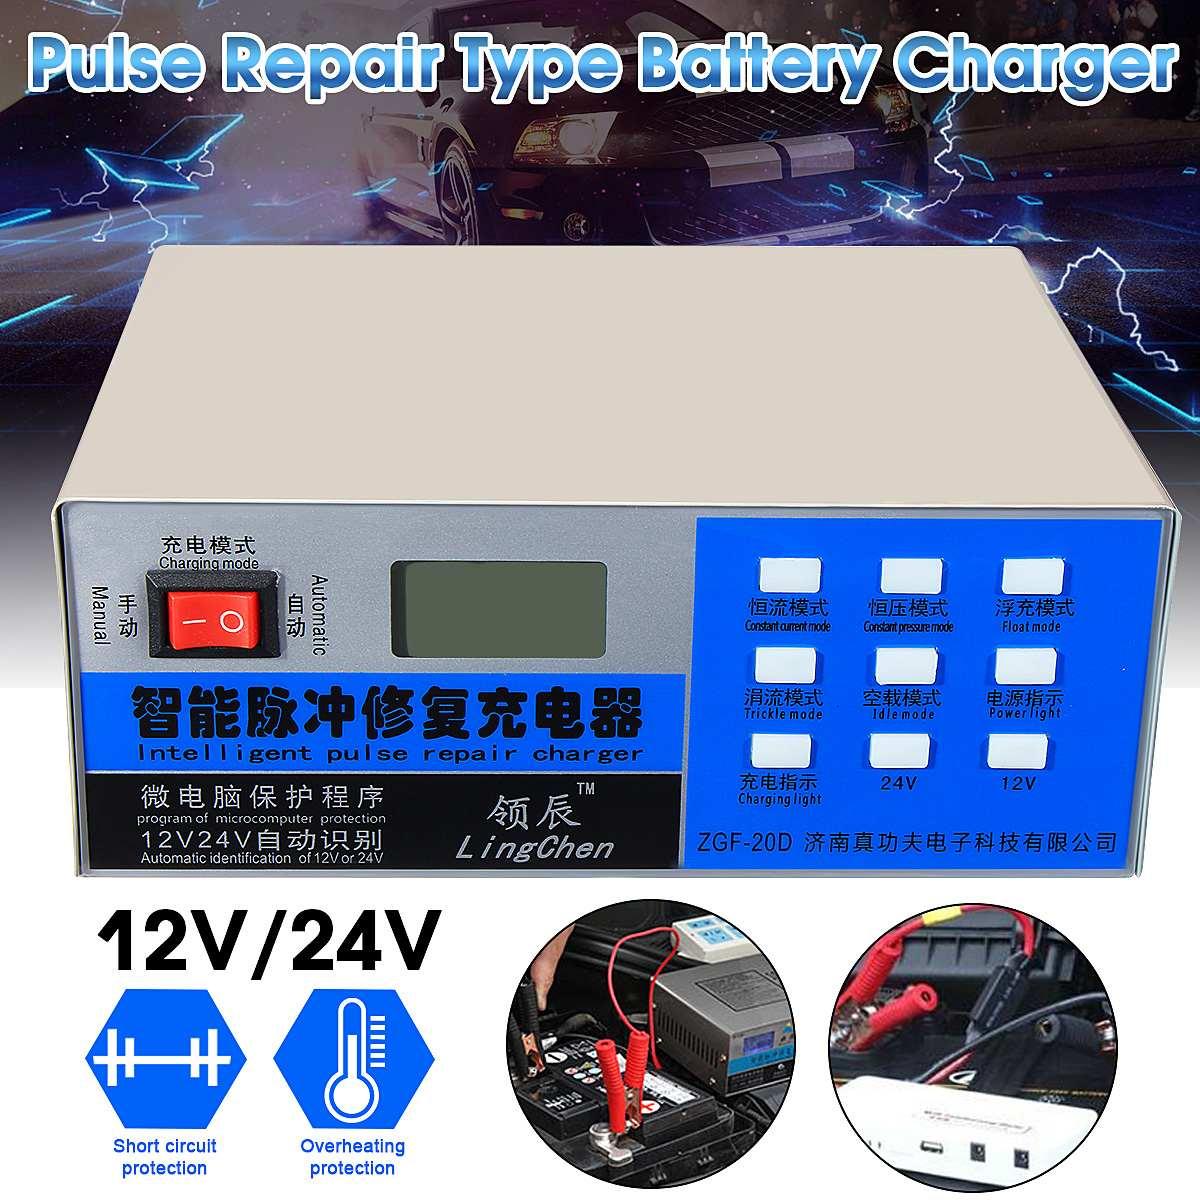 12 v/24 v 200AH Elektrische Auto Trocken Nass Batterie Ladegerät Automatische Intelligente Puls Reparatur Typ Auto Starthilfe LCD Display